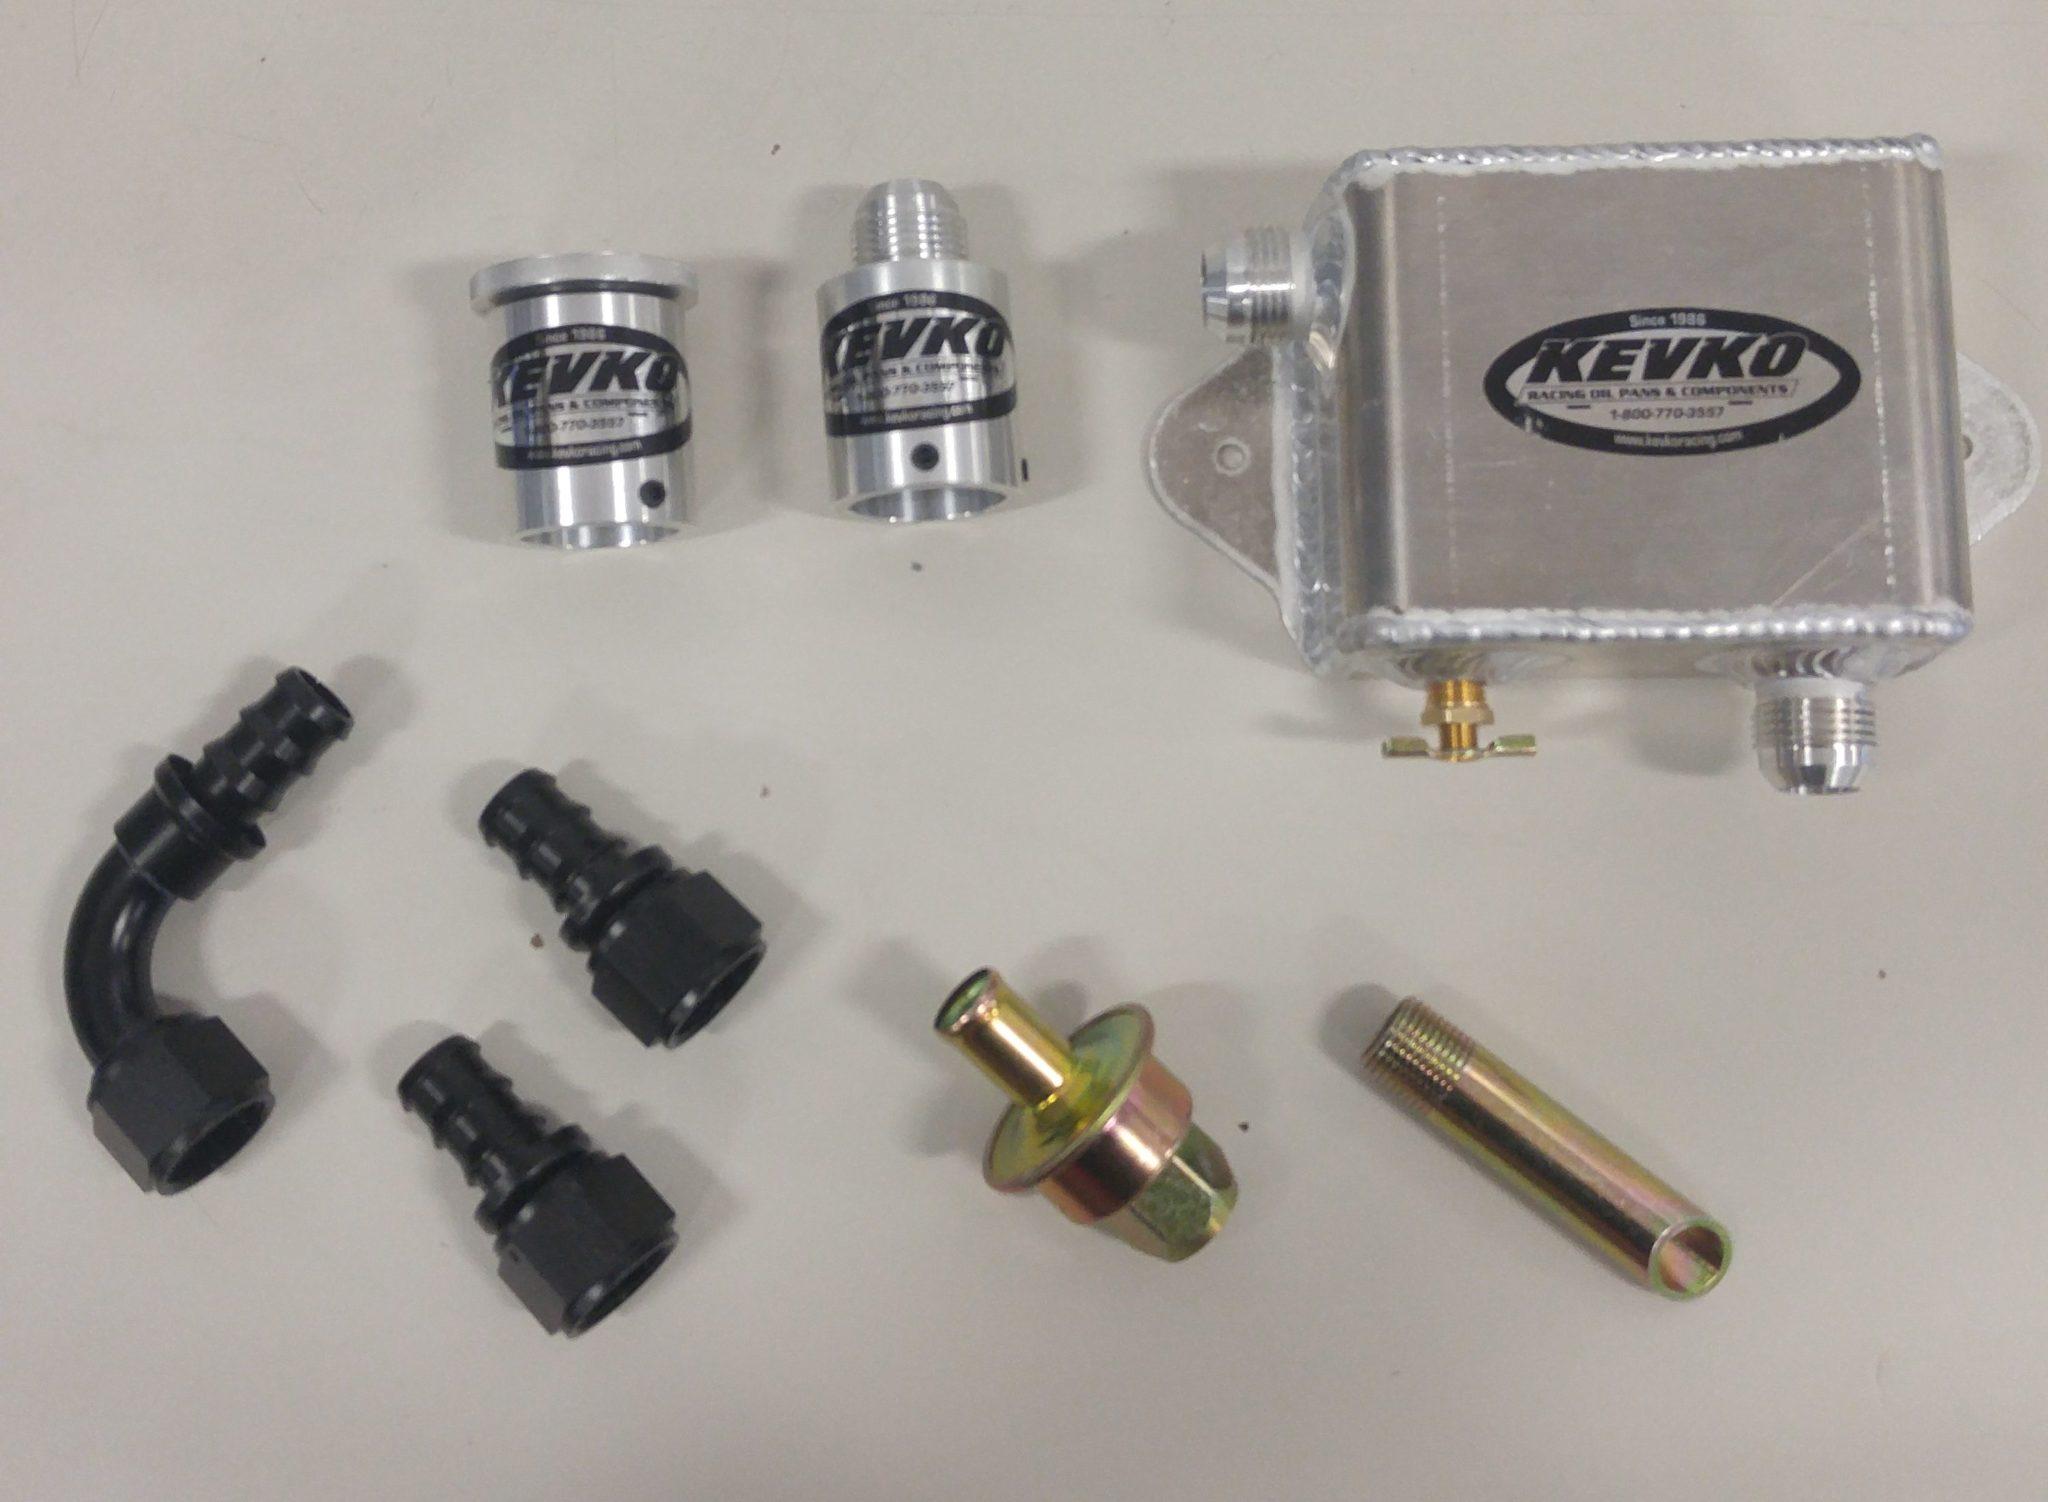 Kevko Evac Kit Parts